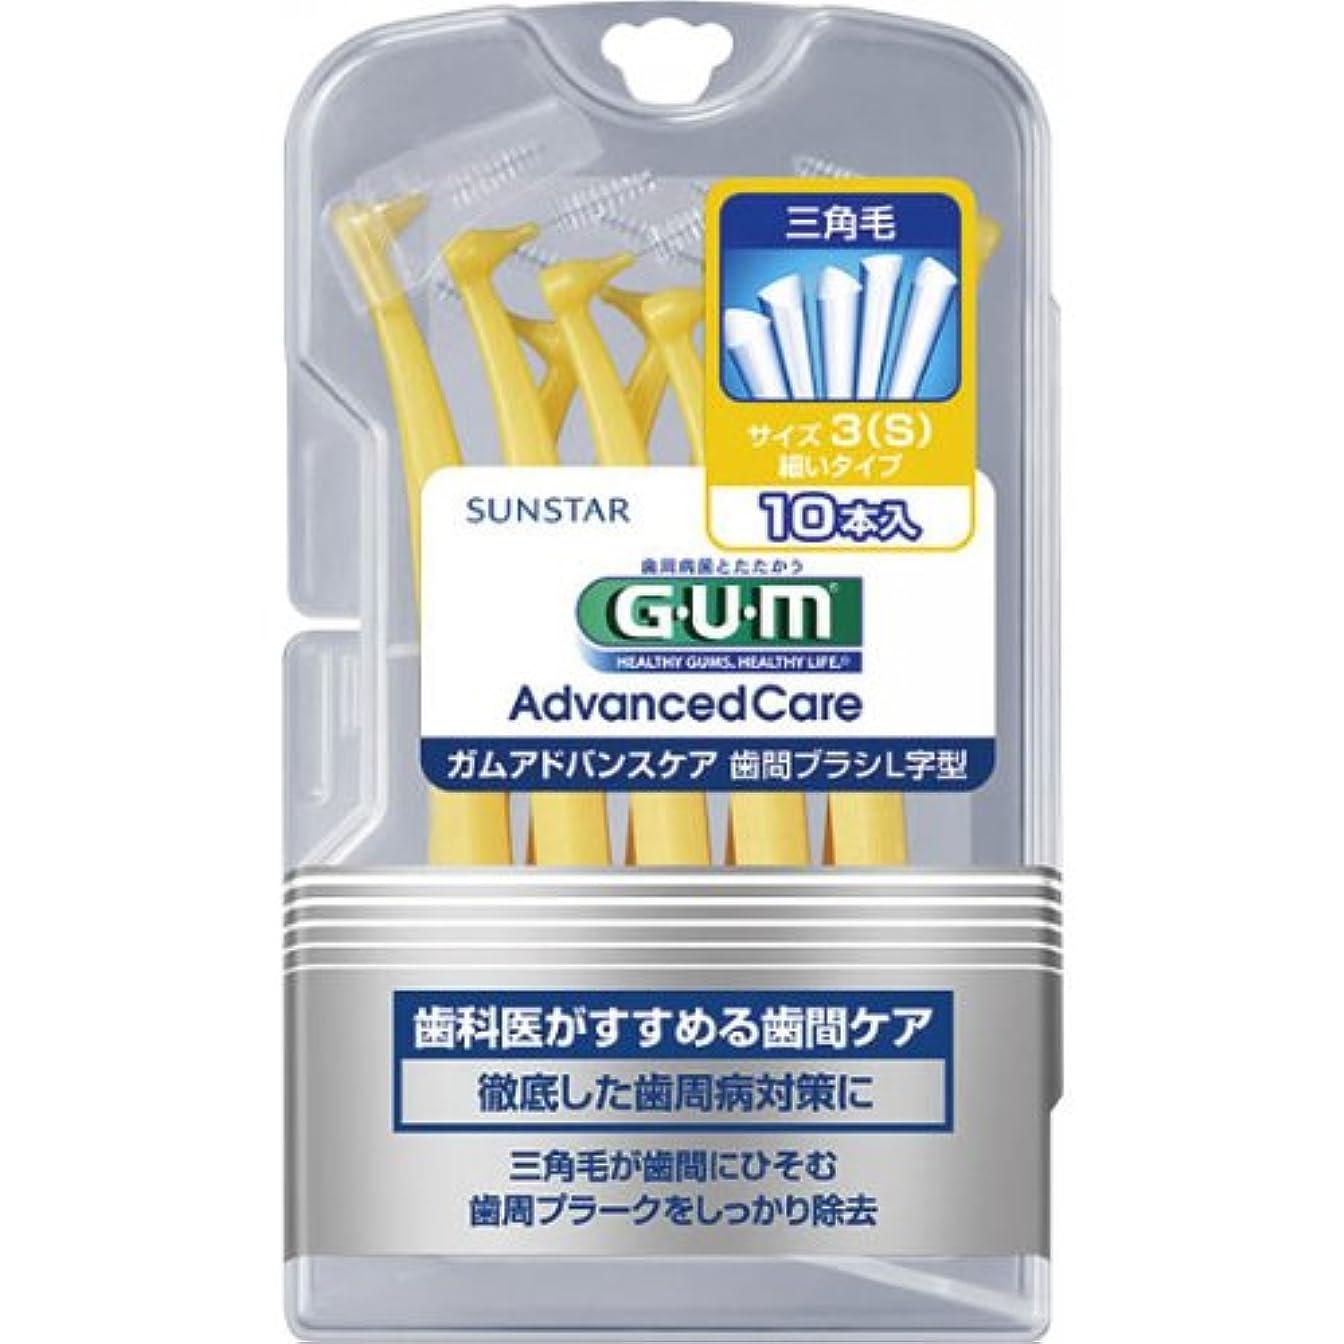 関数発表スペアガムアドバンスケア歯間ブラシL字型10Pサイズ3S【サンスター】